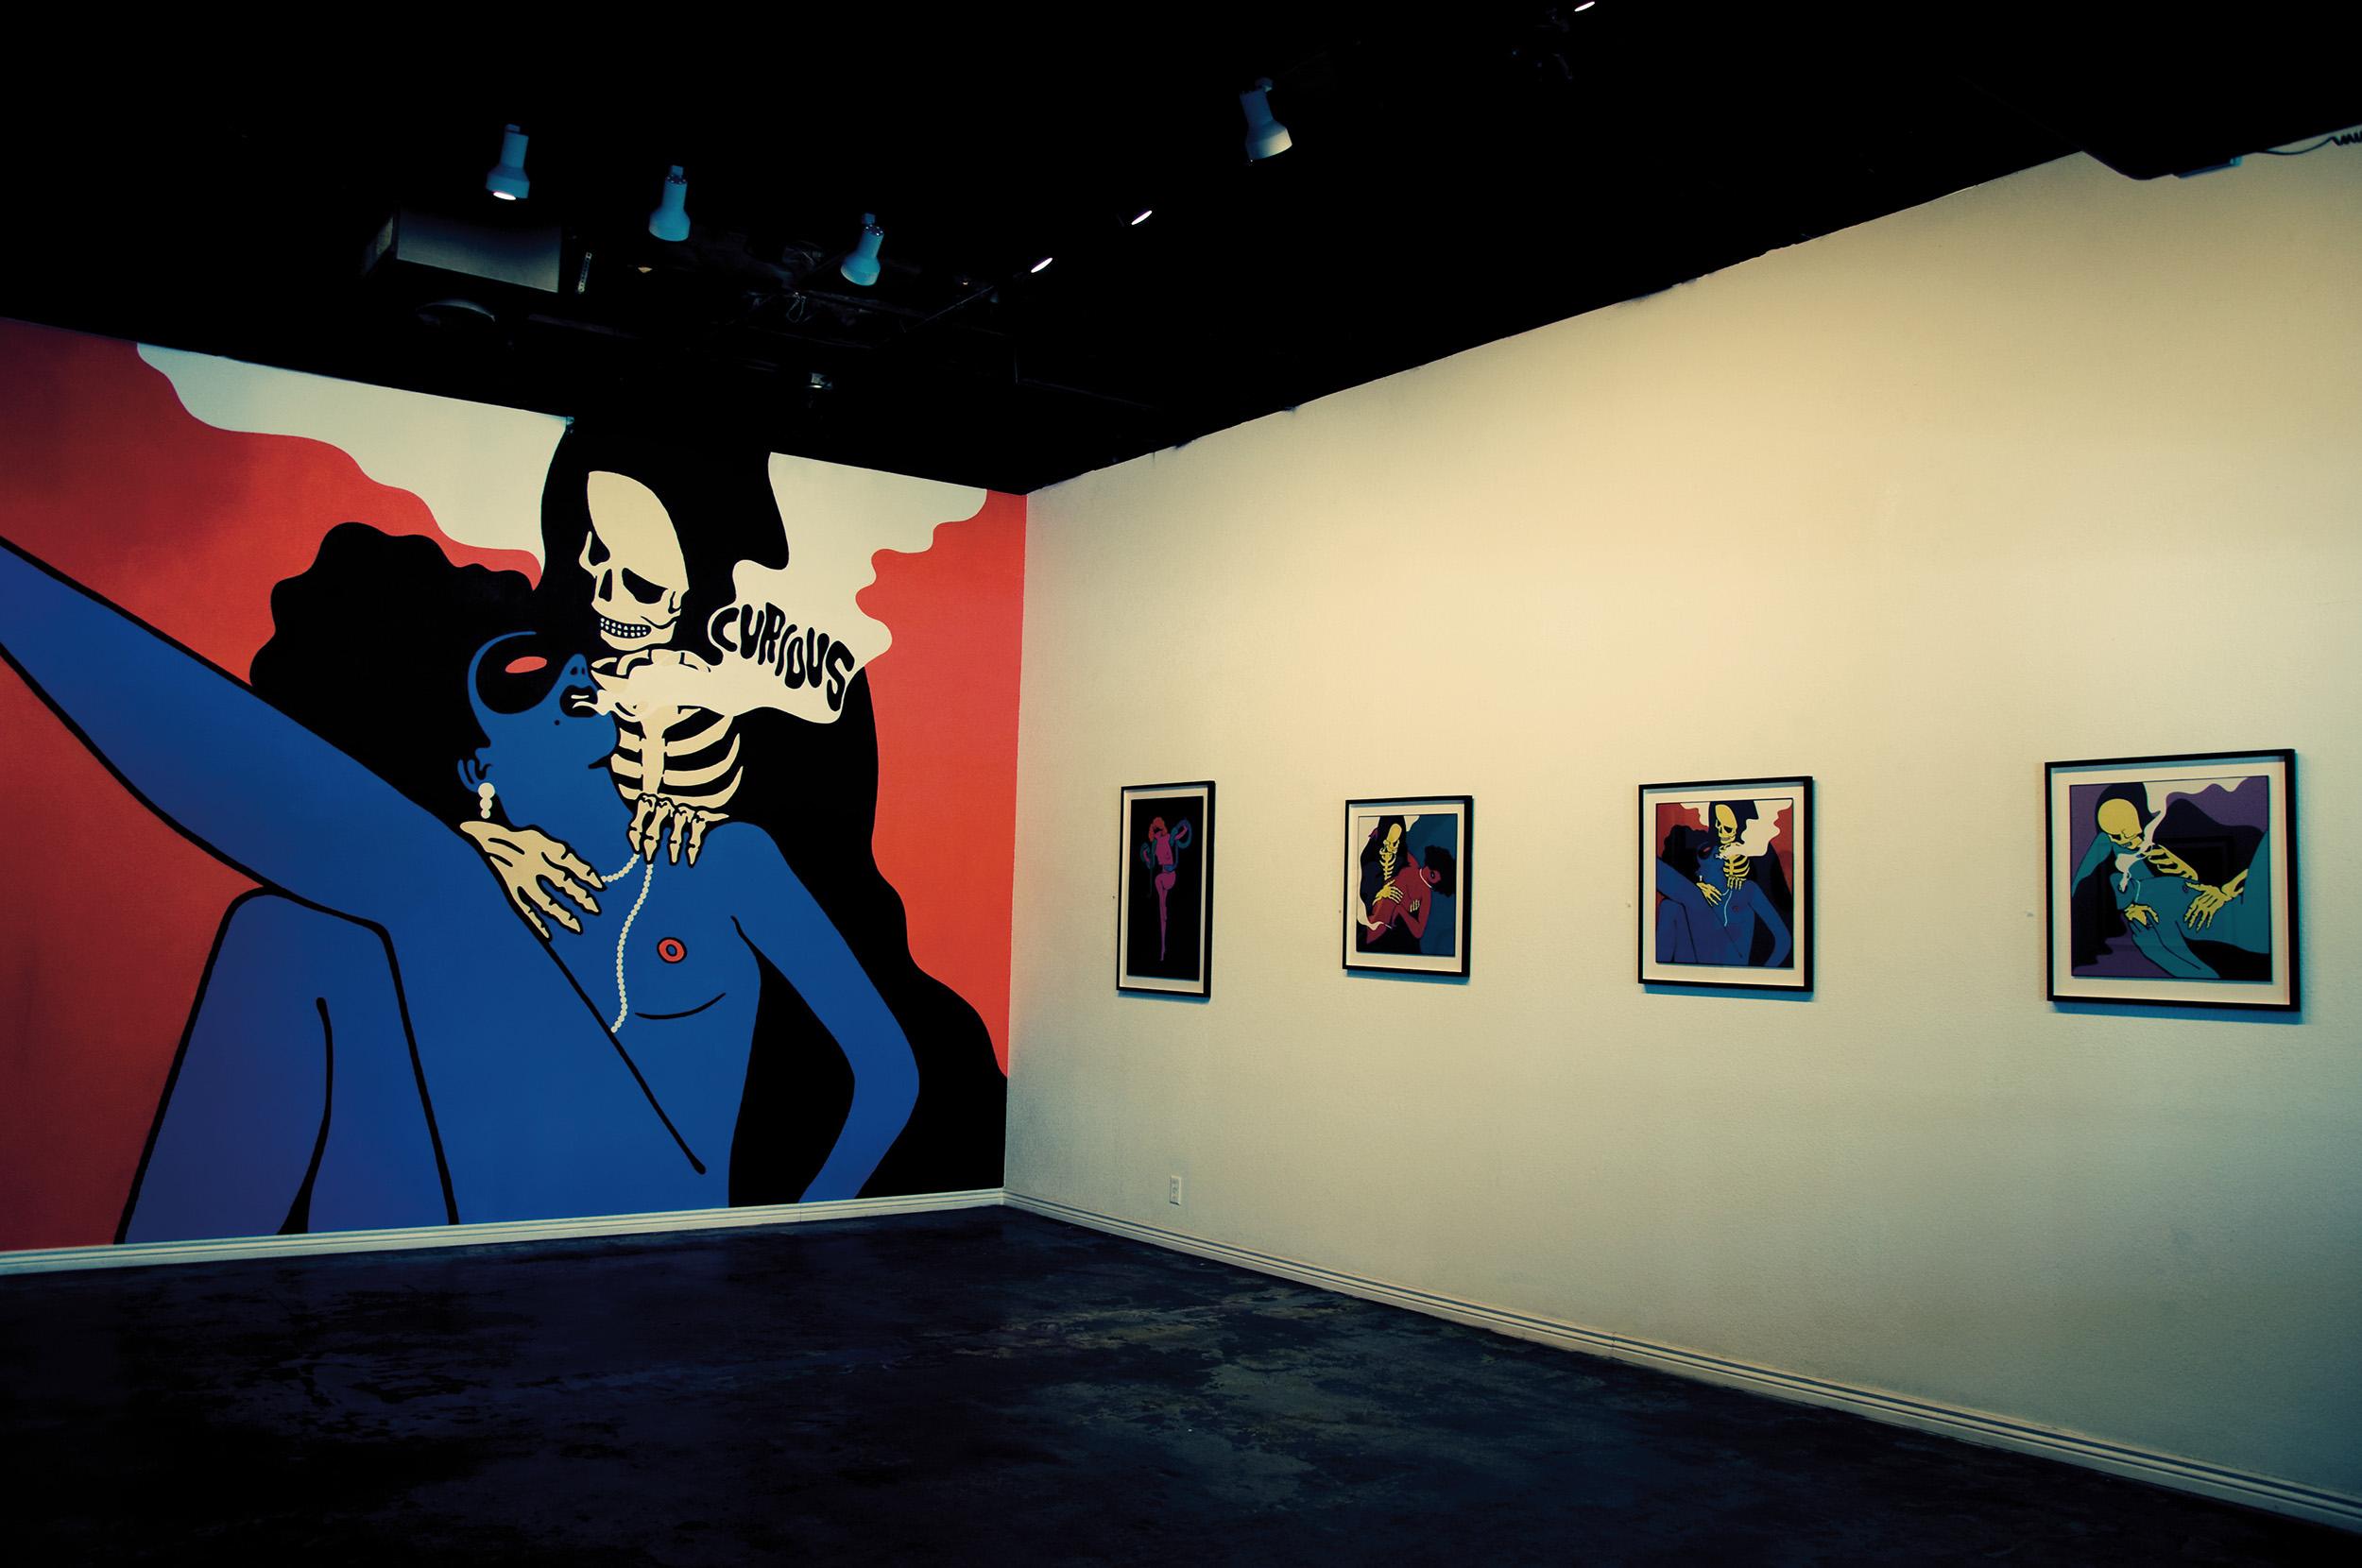 Eelus at Blackbook Gallery